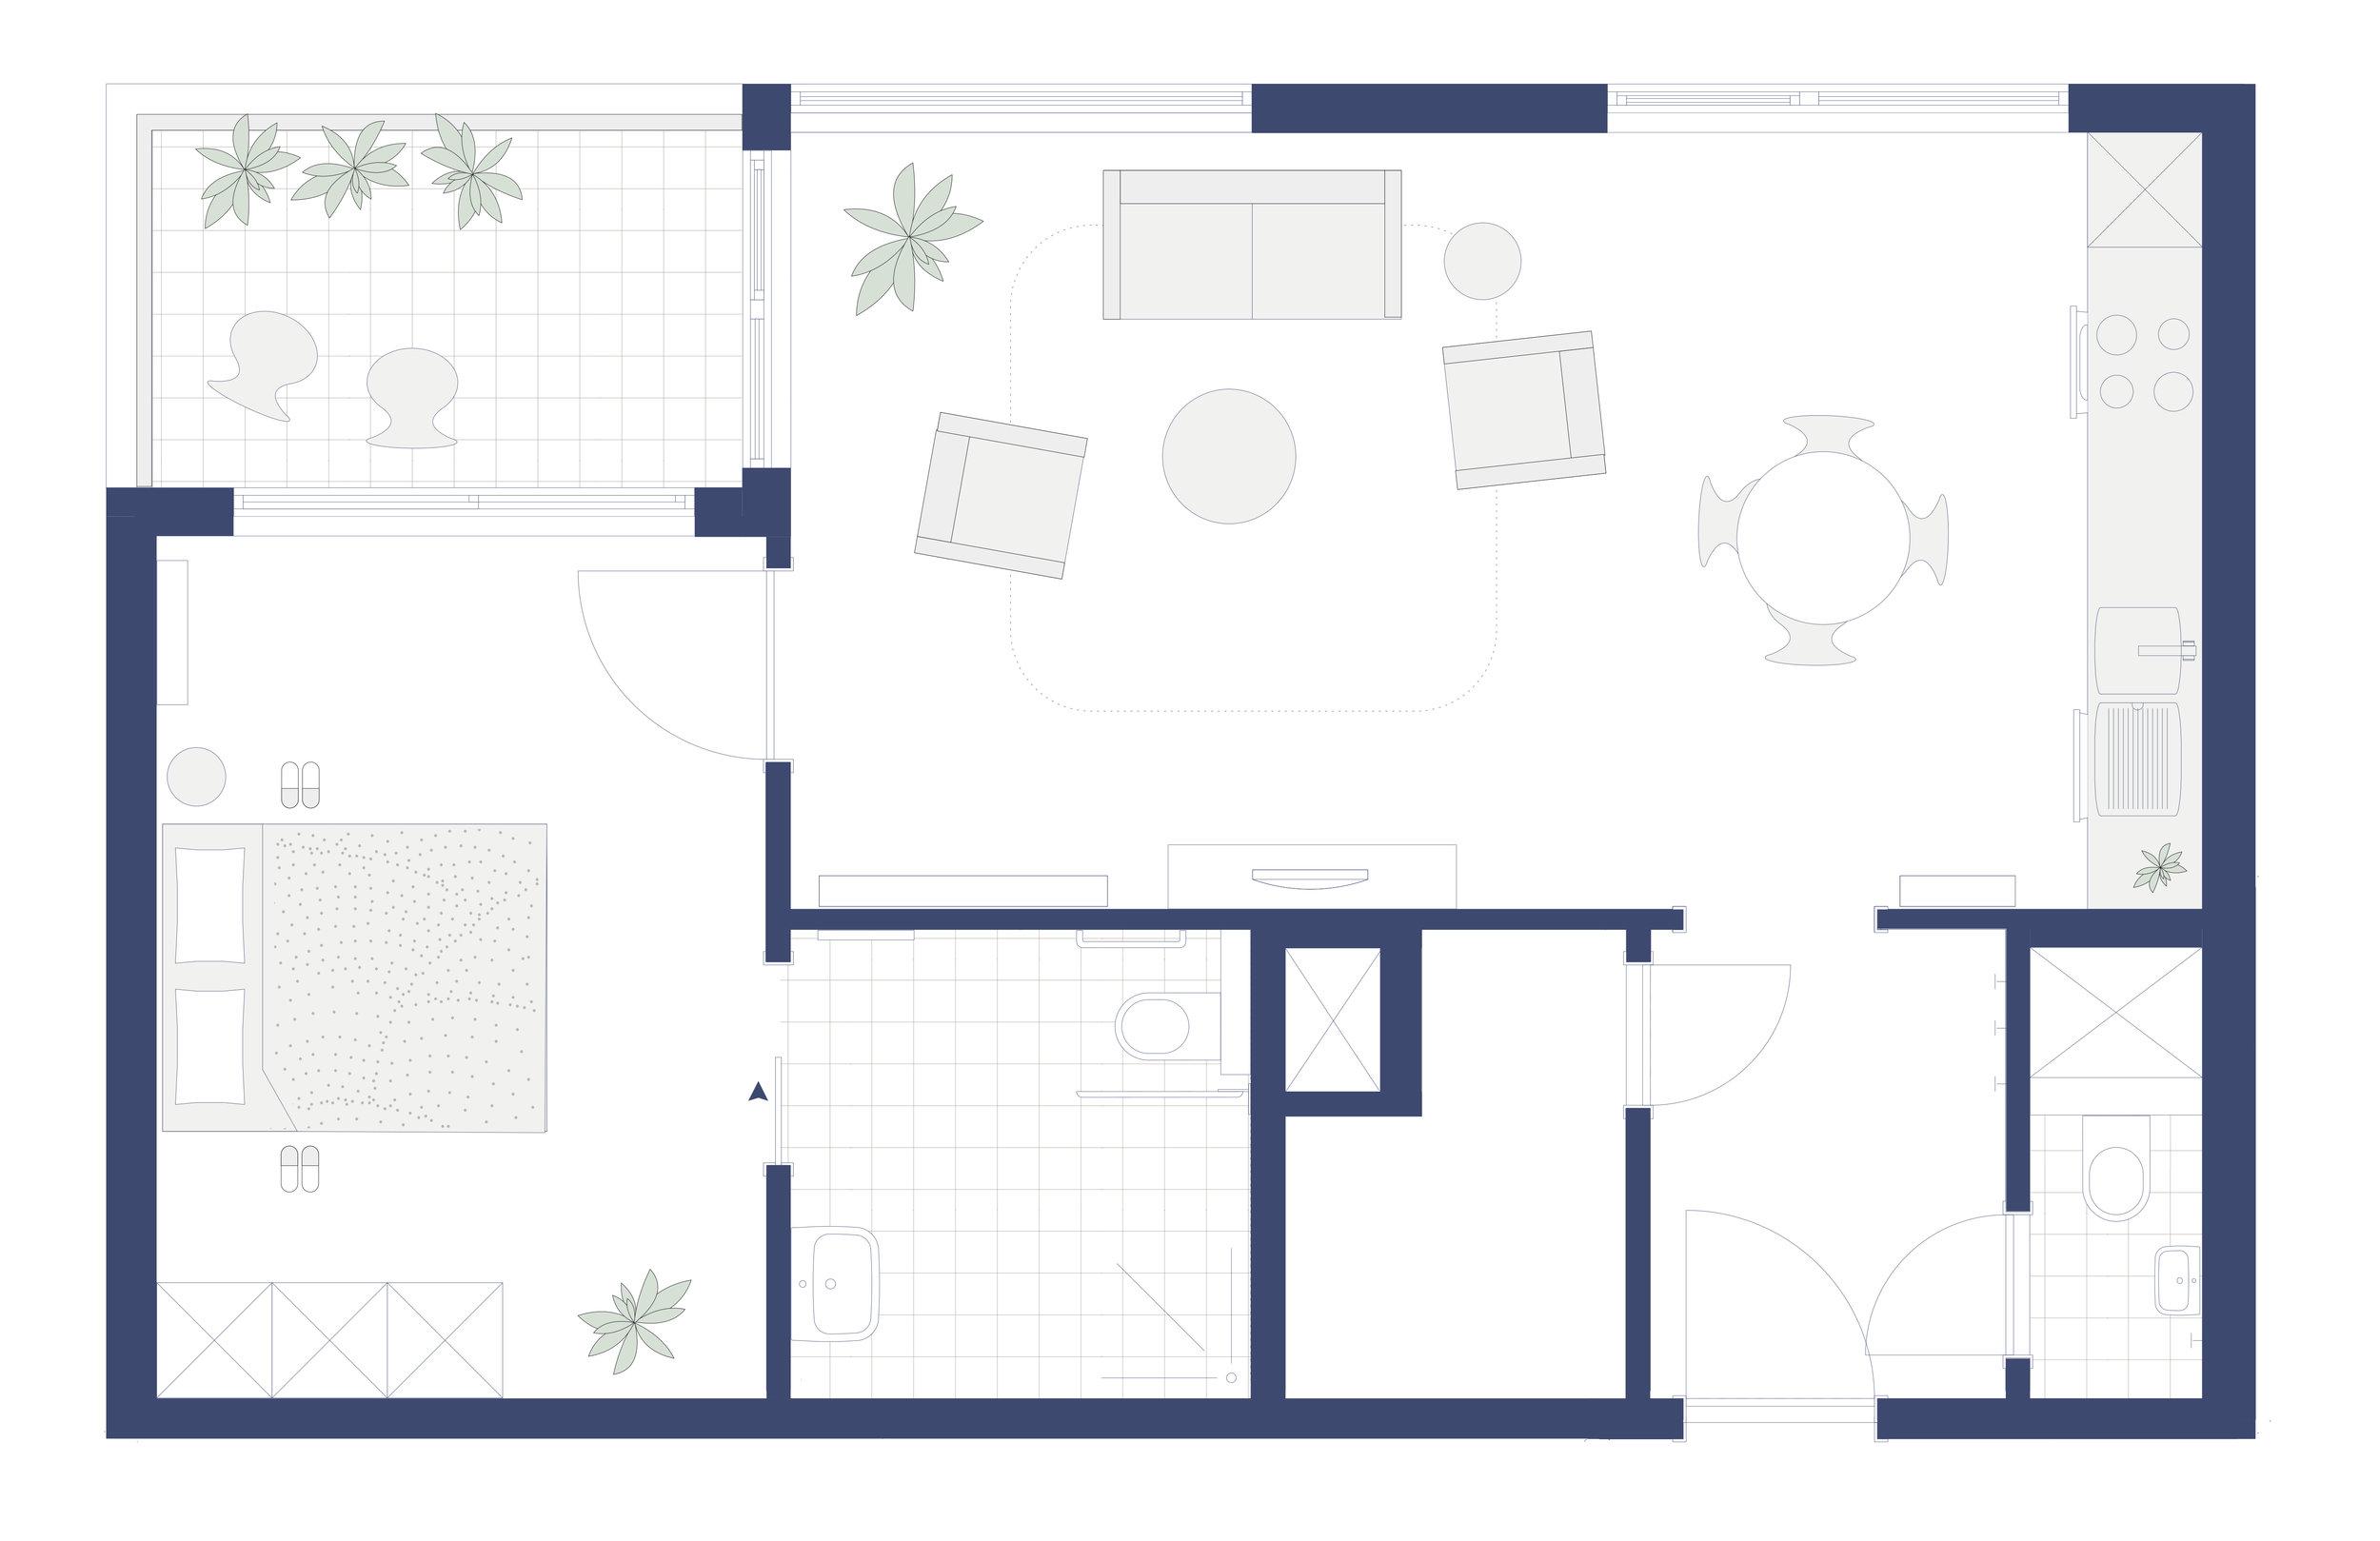 éénslaapkamerflat 67 m2 - type B